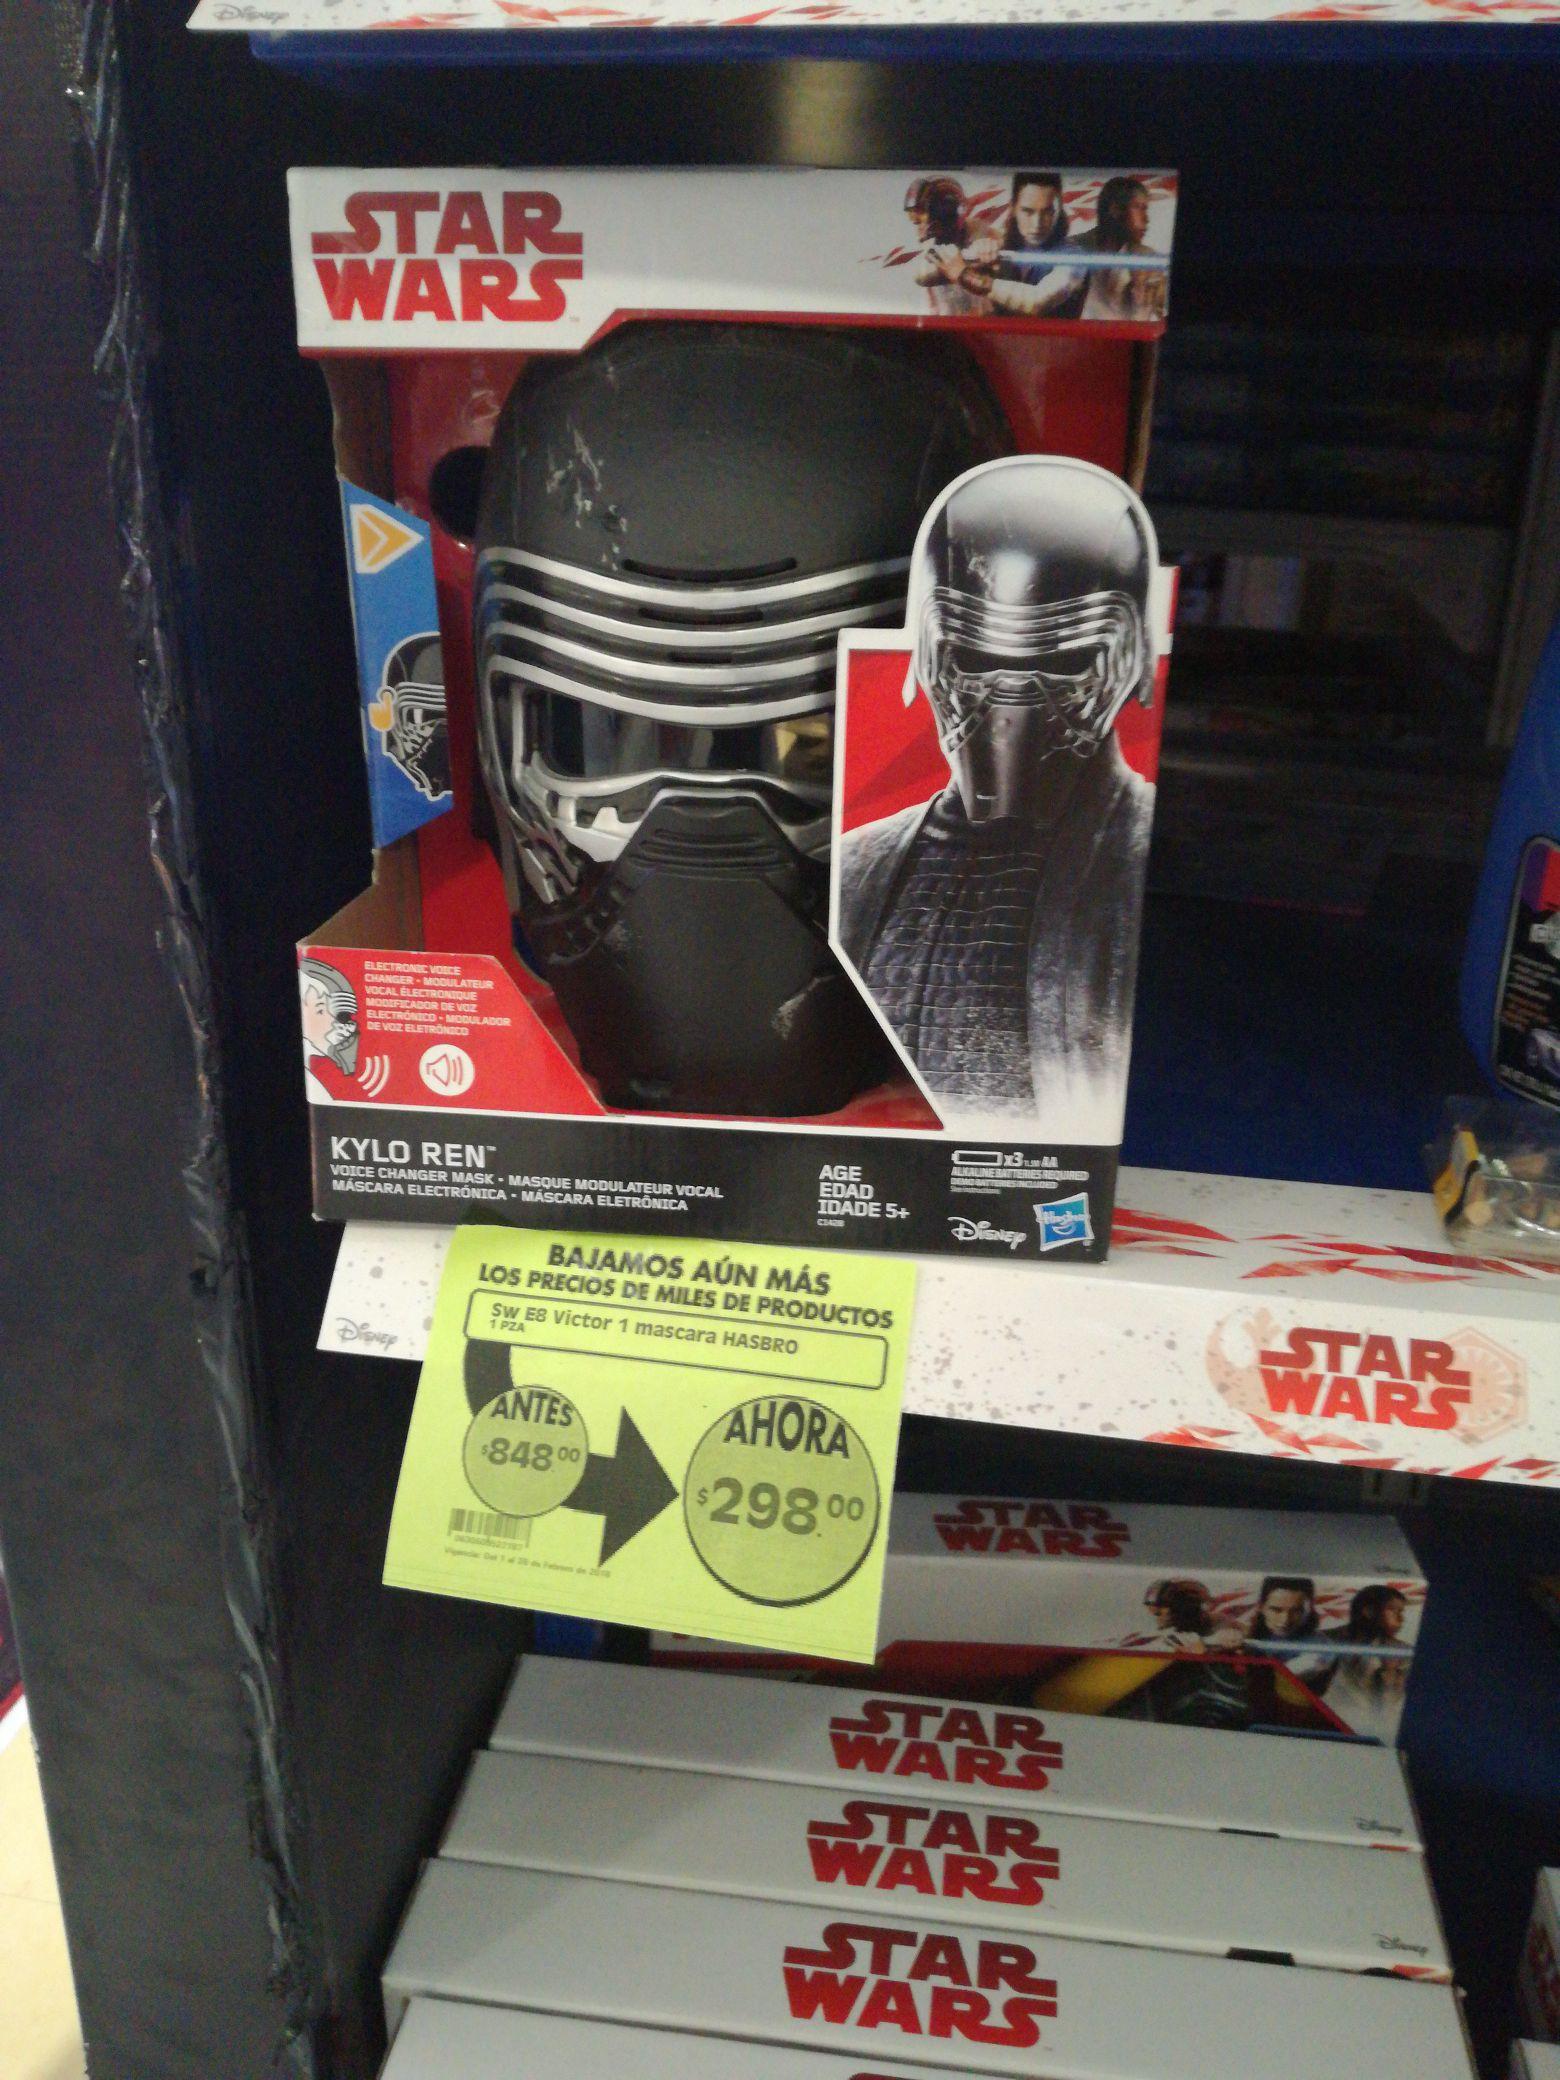 Comercial Mexicana: Mascara Kilo Ren star wars con modulador de voz